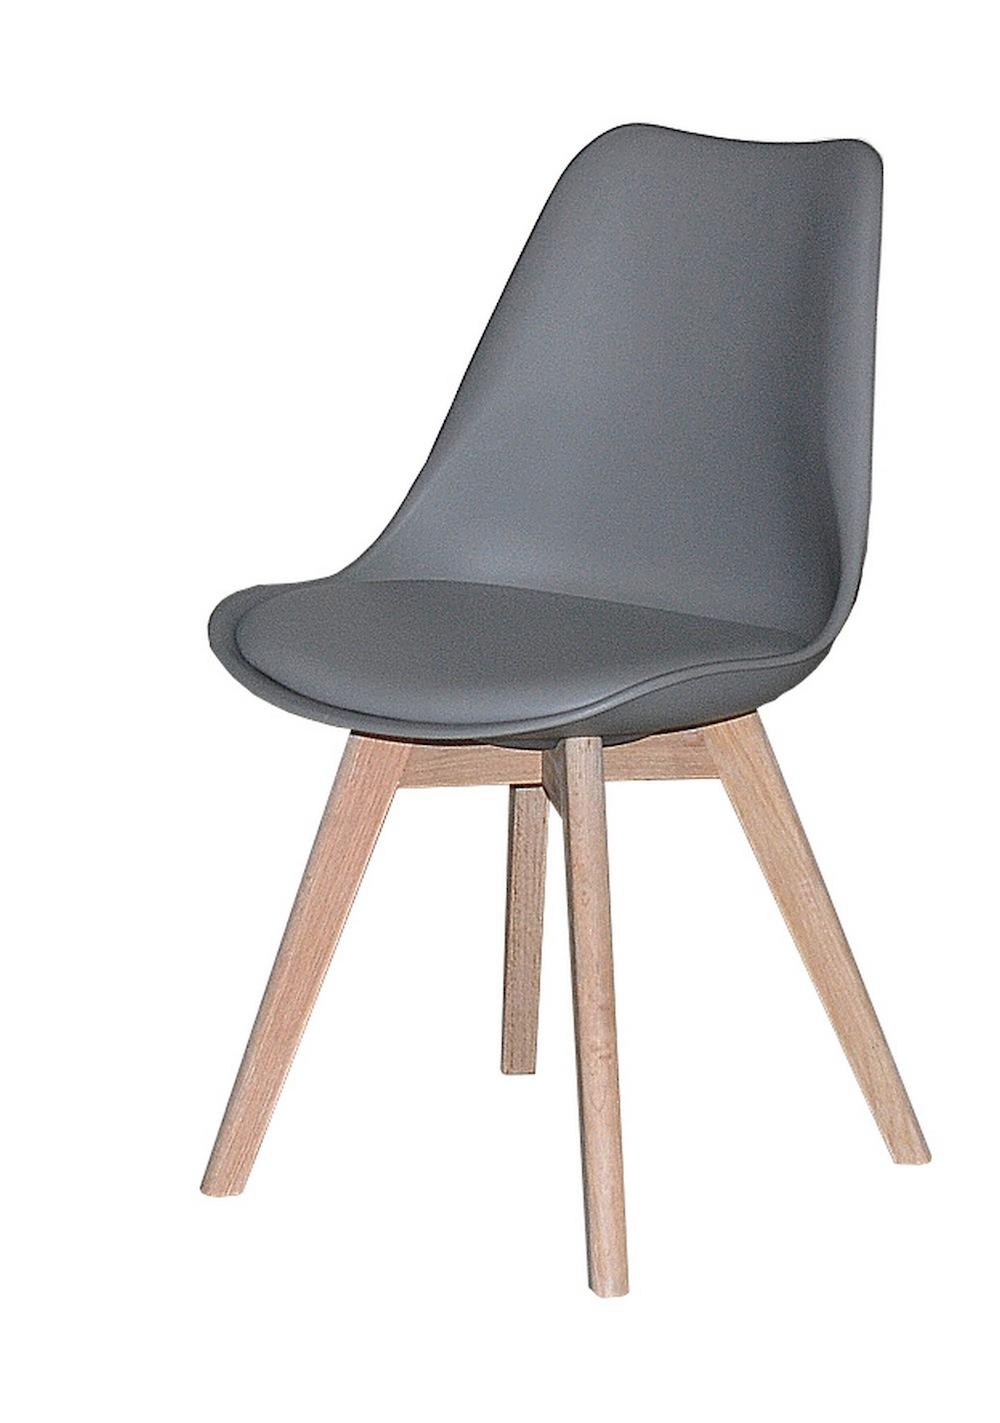 Jerry spisebordsstol m. gråt sæde fra N/A fra unoliving.com